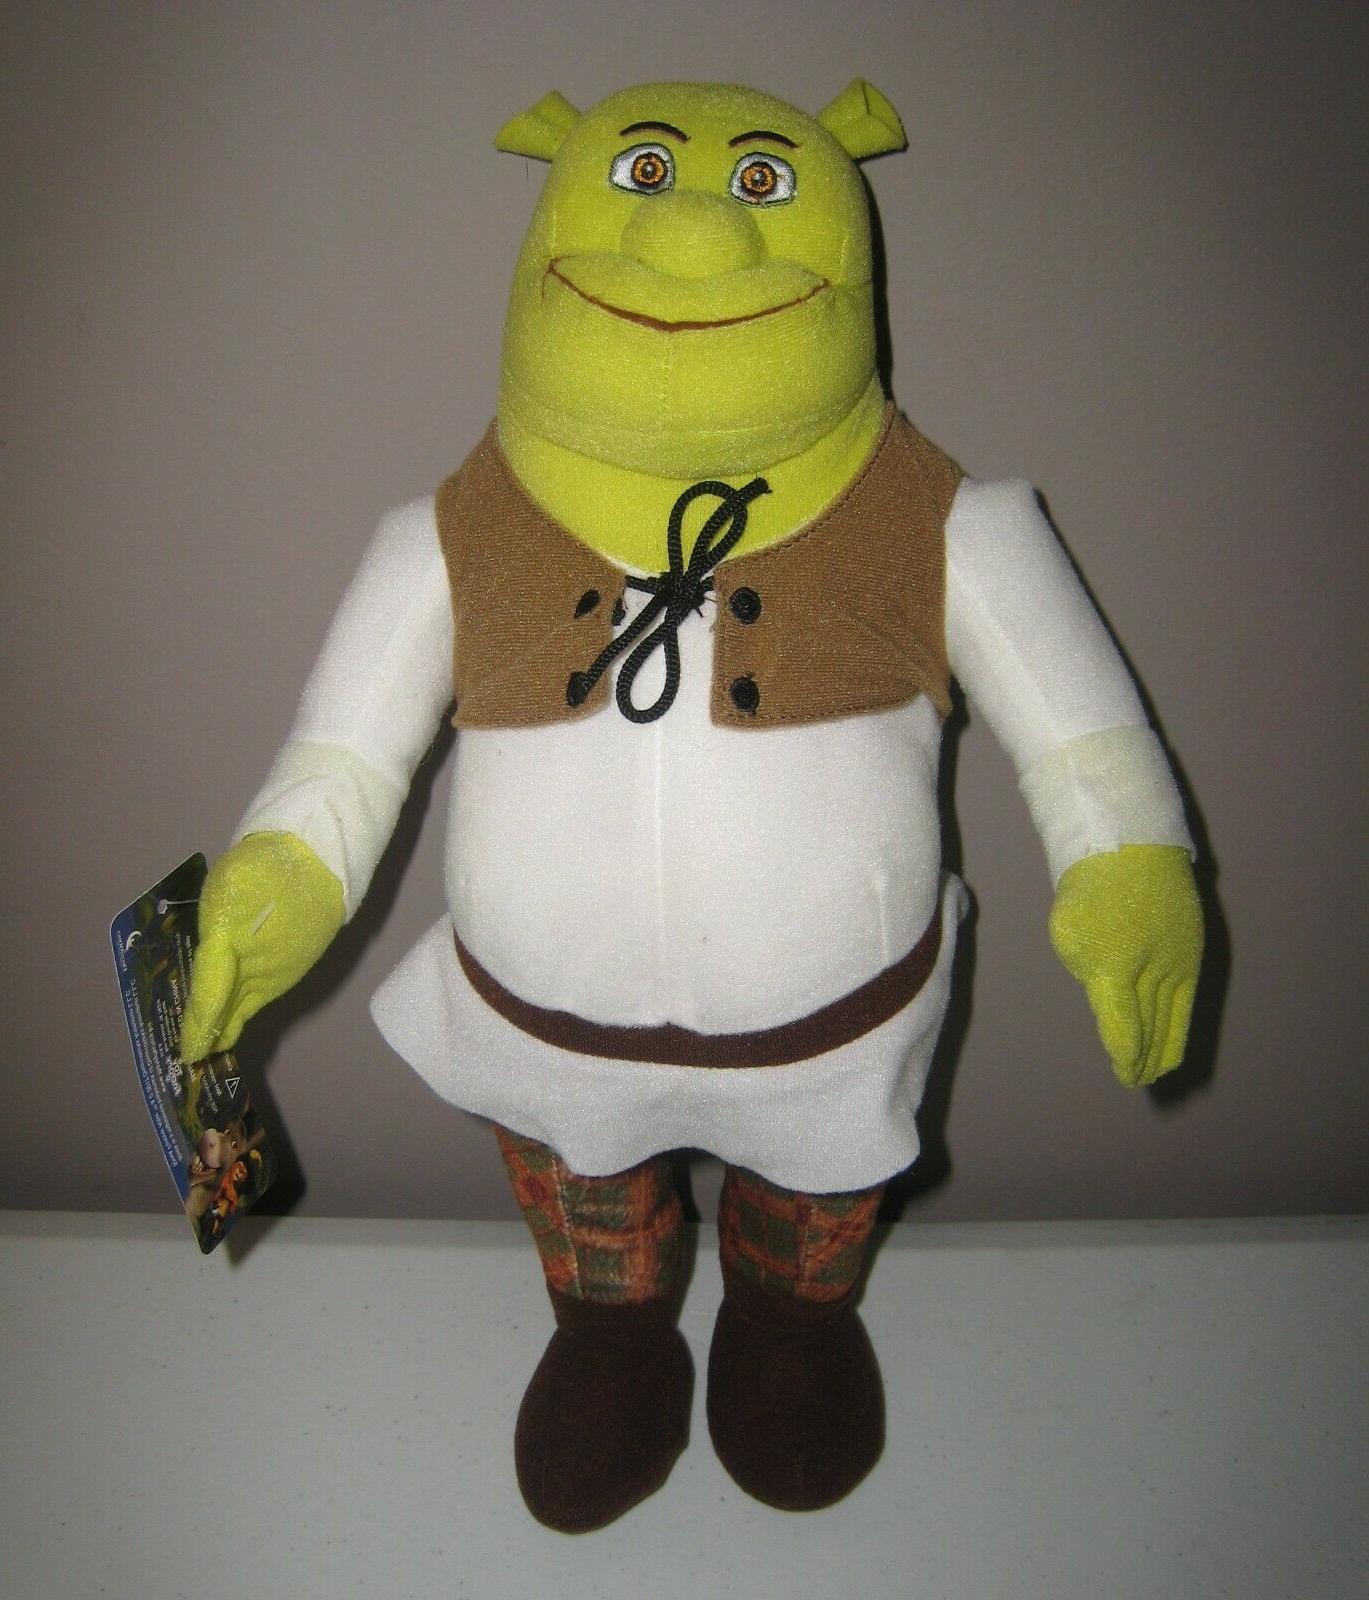 shrek the ogre plush doll 14 dreamworks